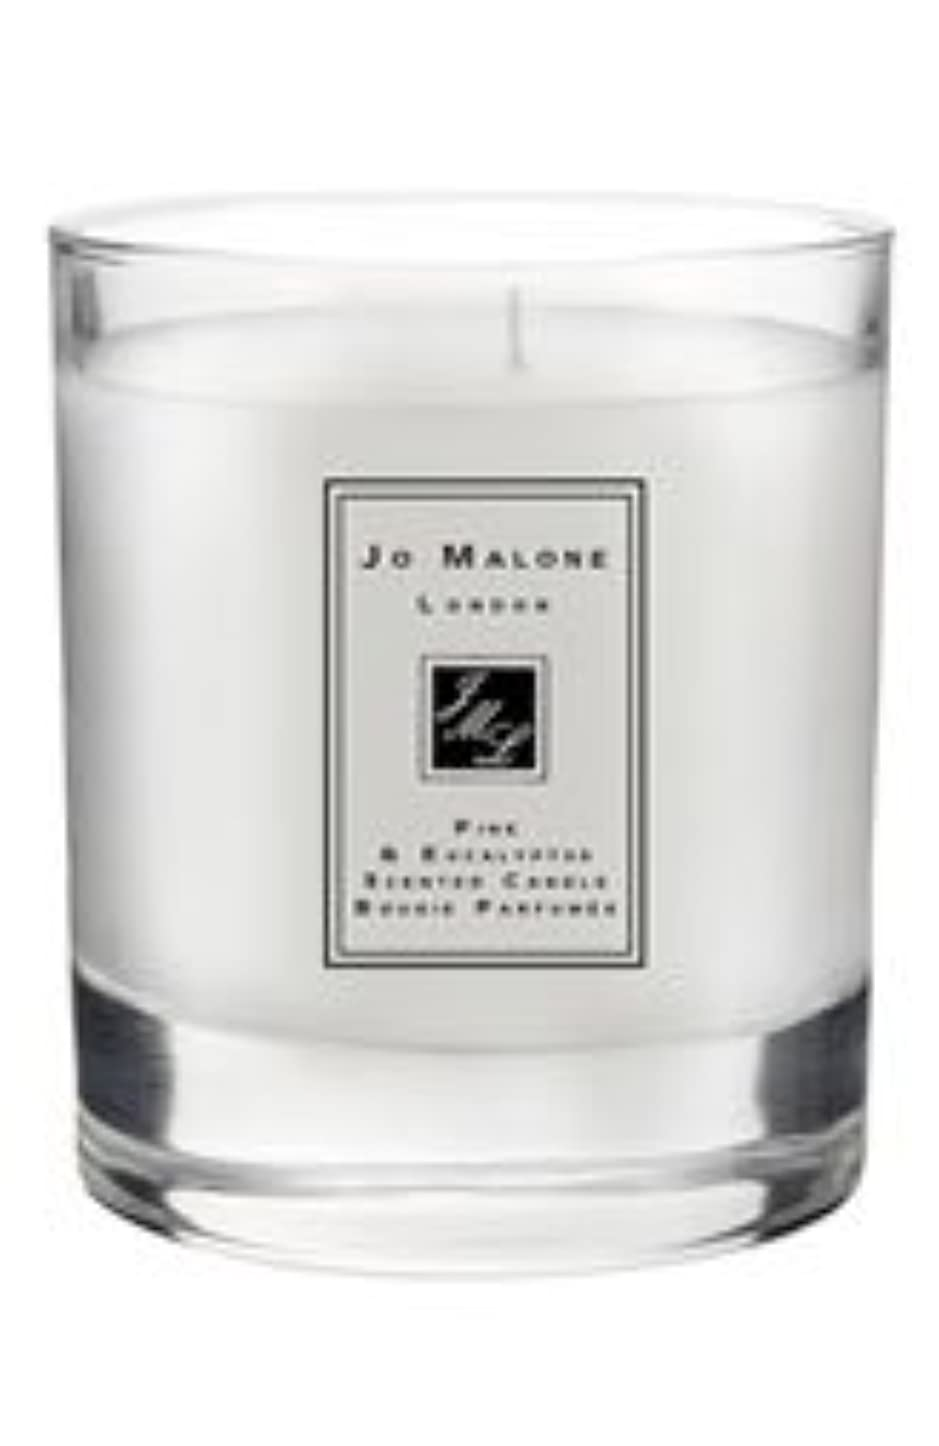 振り向く熱心辞任ジョーマローン パイン&ユーカリプタス 7.0 oz (210ml) ホーム キャンドル (香り付き)